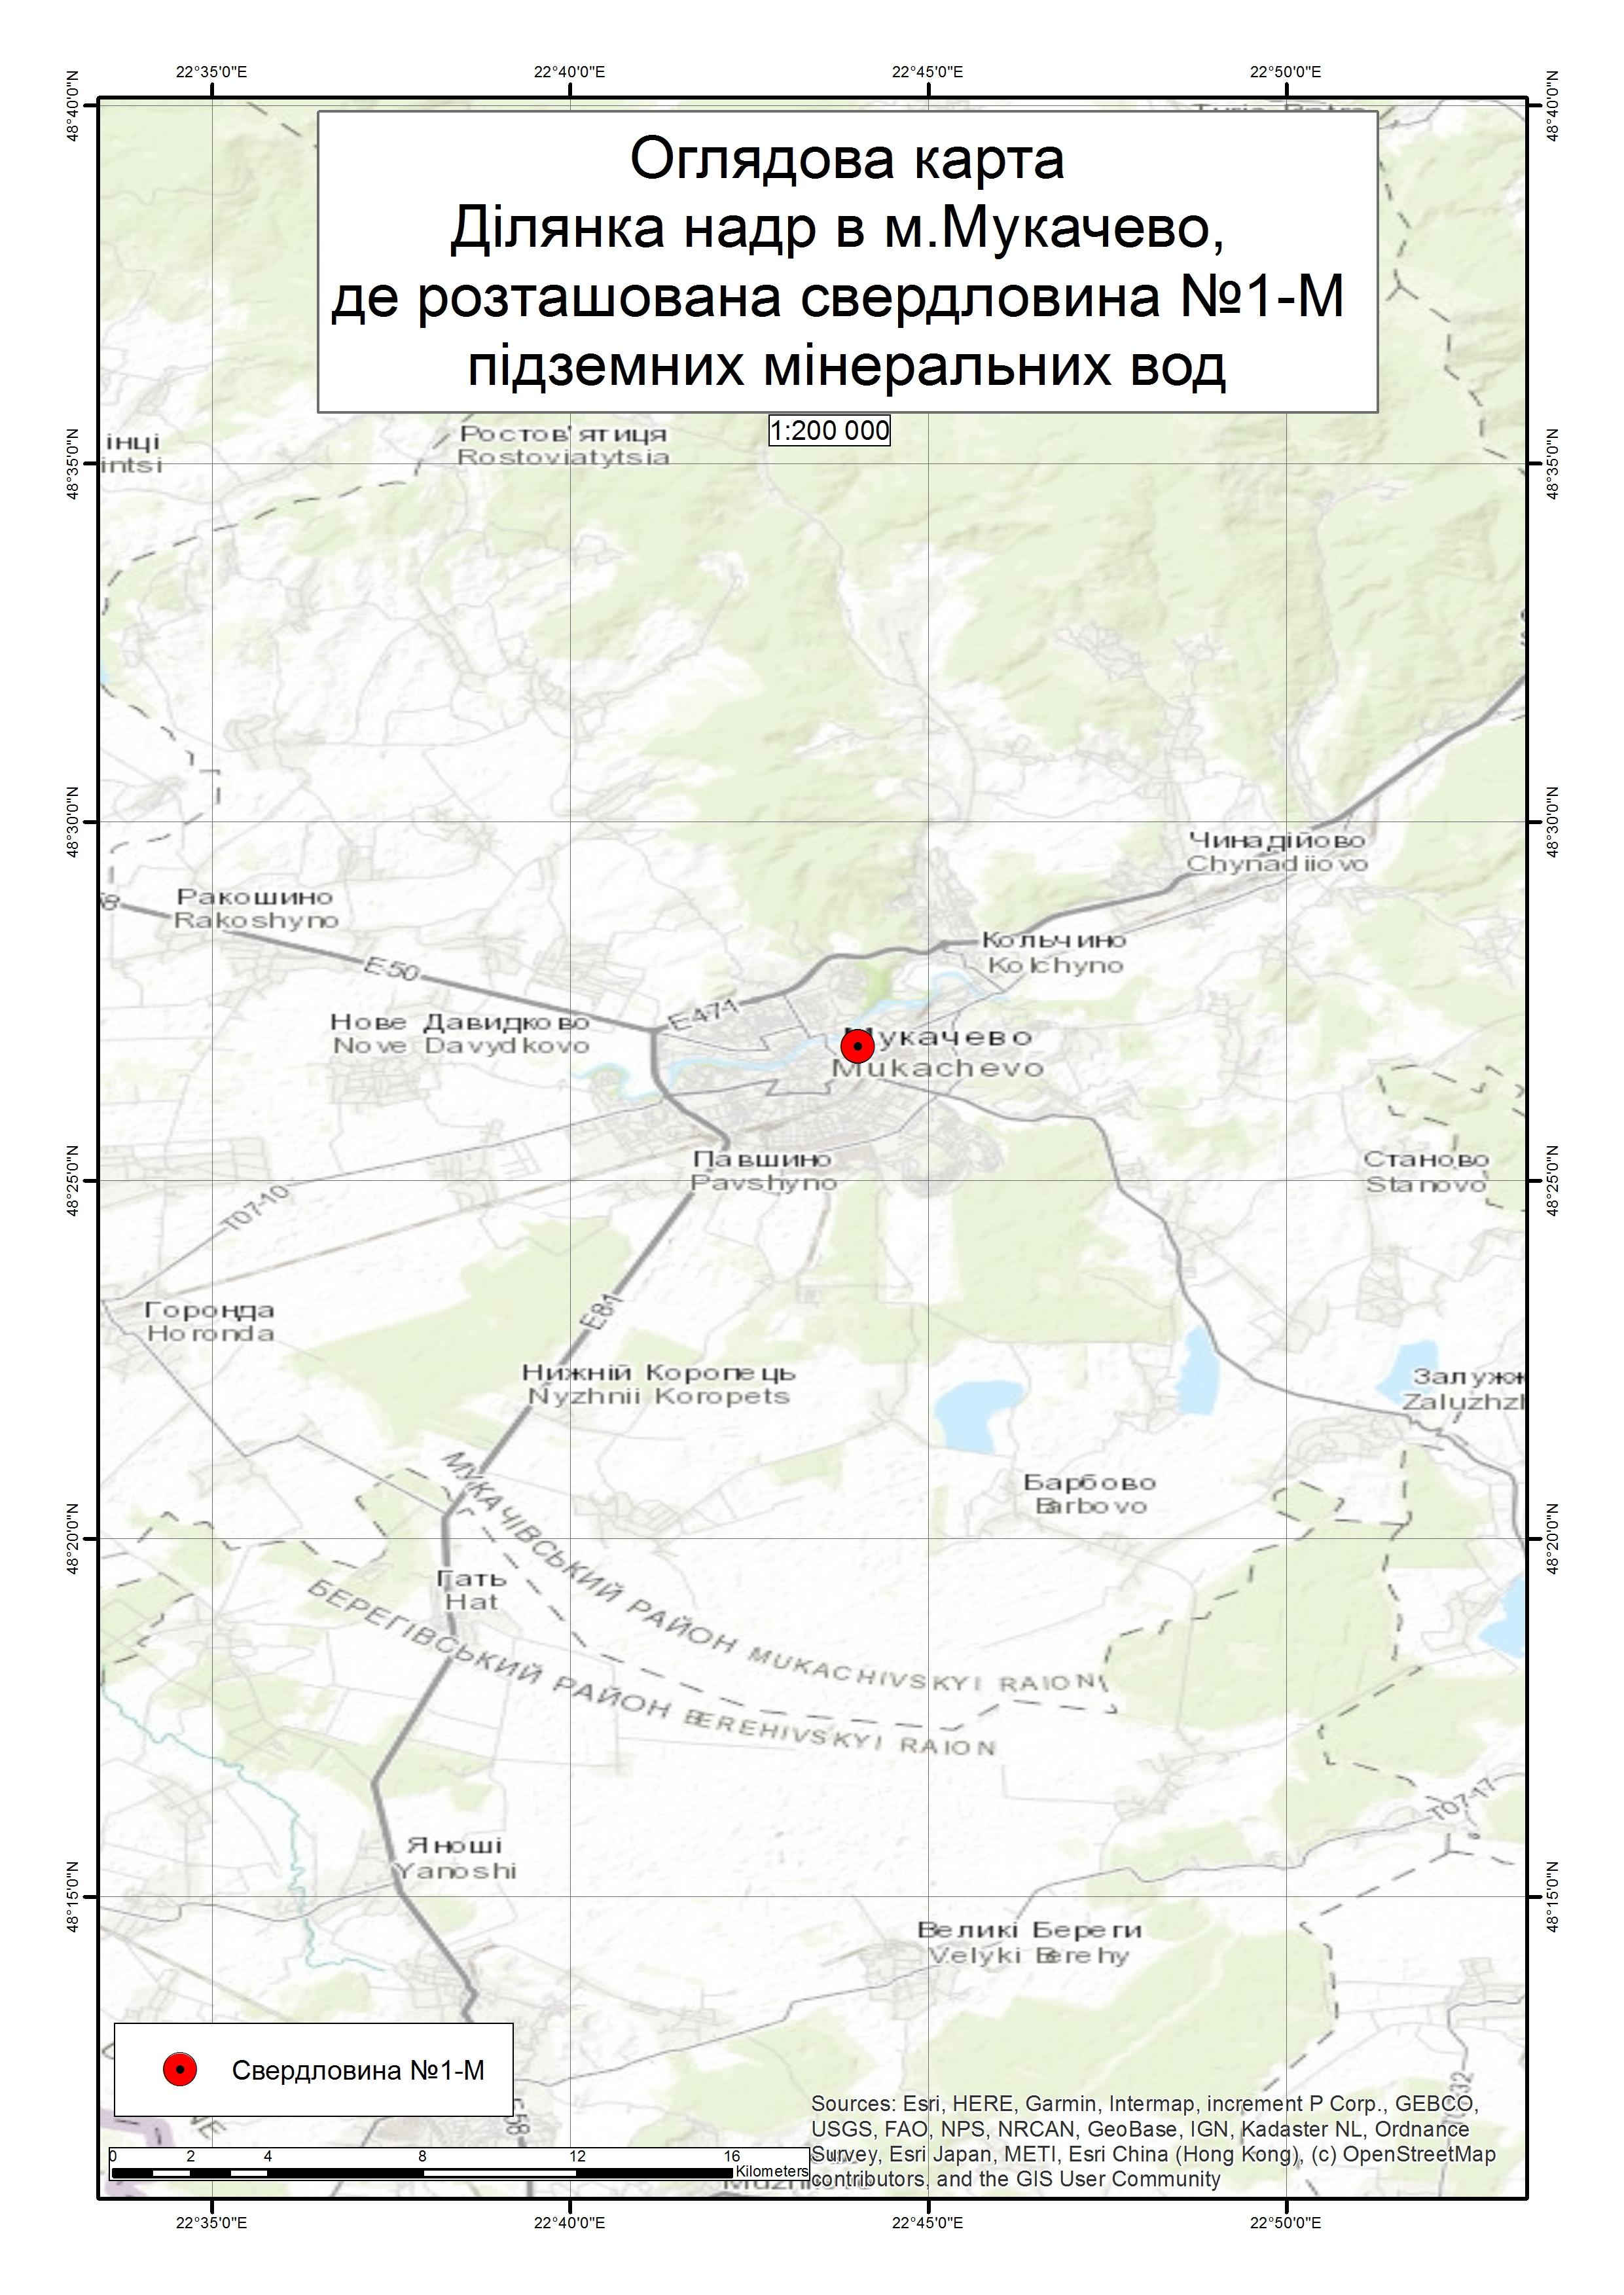 Спеціальний дозвіл на користування надрами – Ділянка надр в м. Мукачево, де розташована свердловина № 1-М. Вартість геологічної інформації –  151 509 грн (з ПДВ). Вартість пакету аукціонної документації – 5 667,17 грн (з ПДВ).